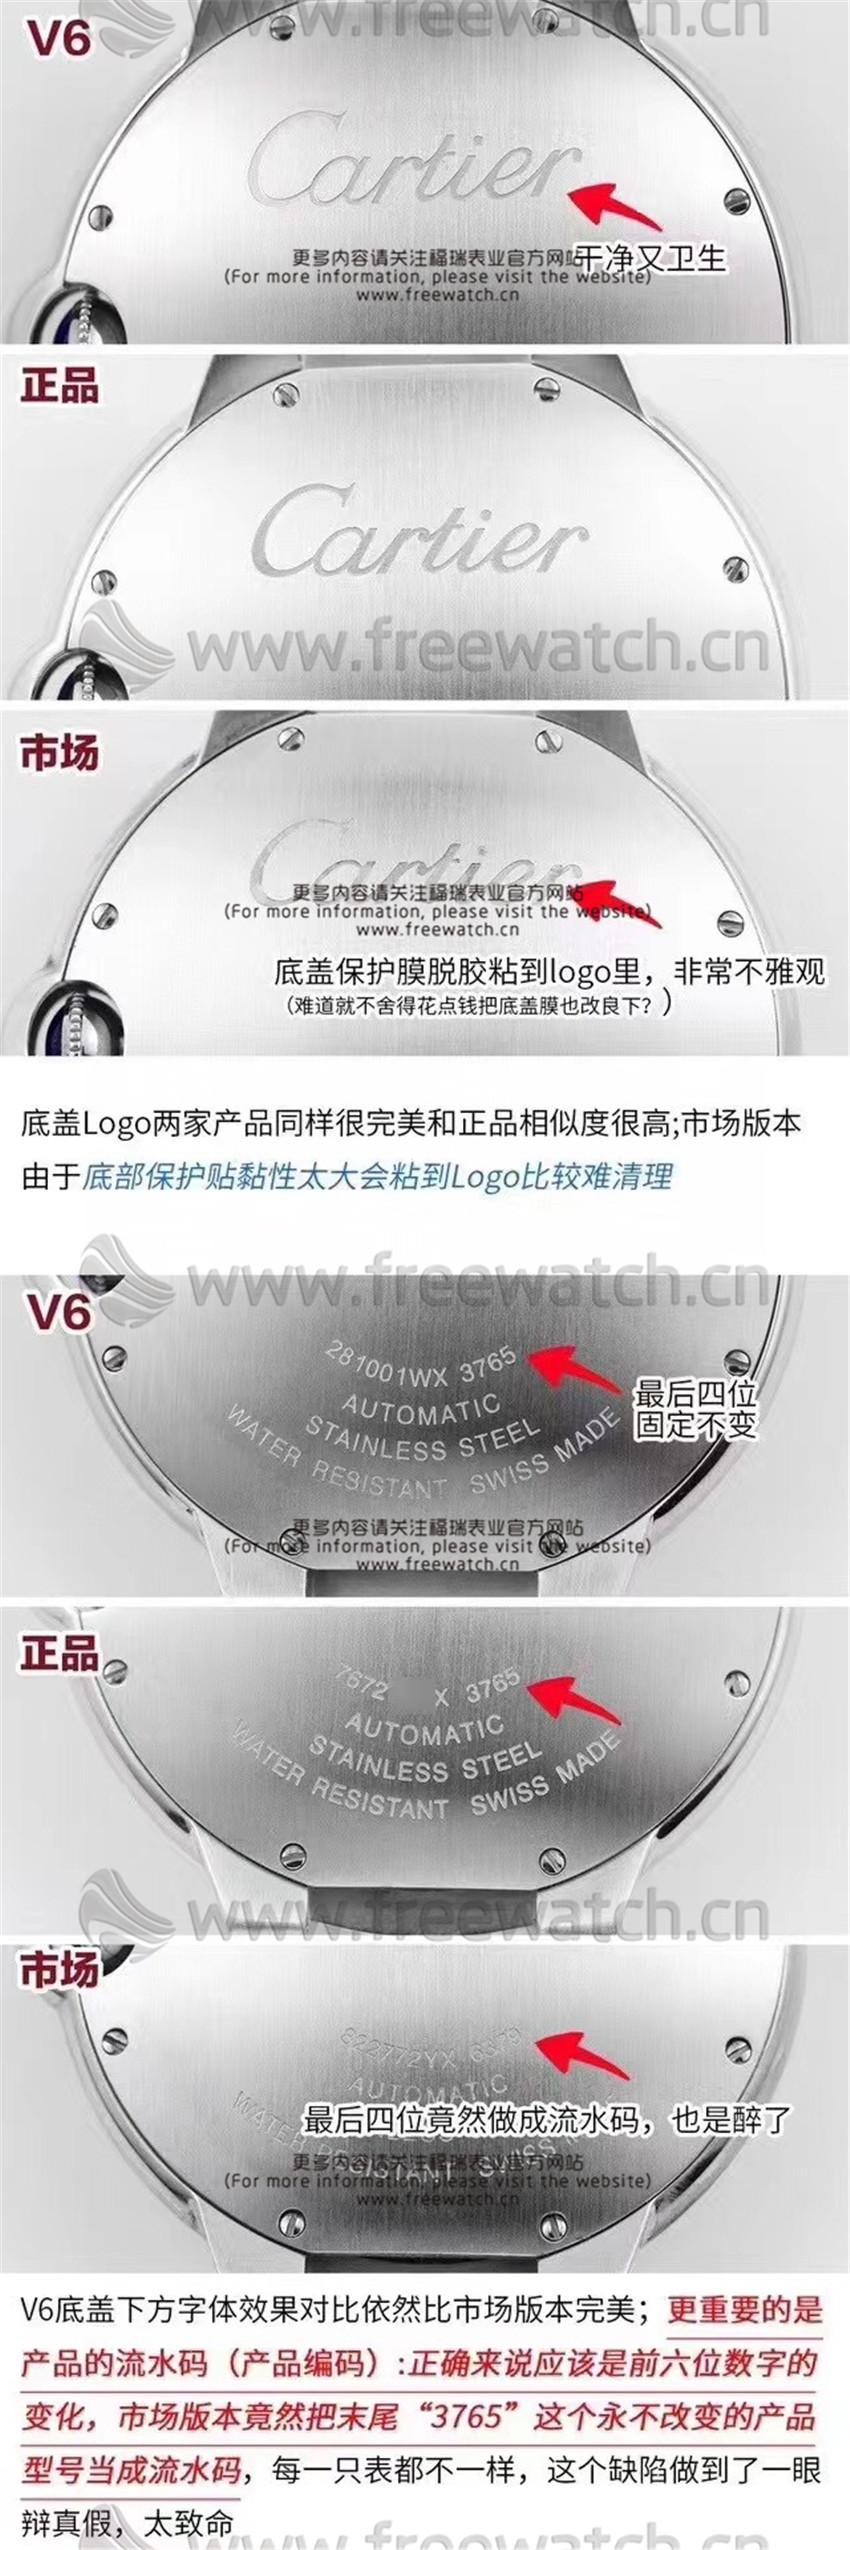 V6厂卡地亚蓝气球V7版42mm与正品对比评测和其他版本-第8张